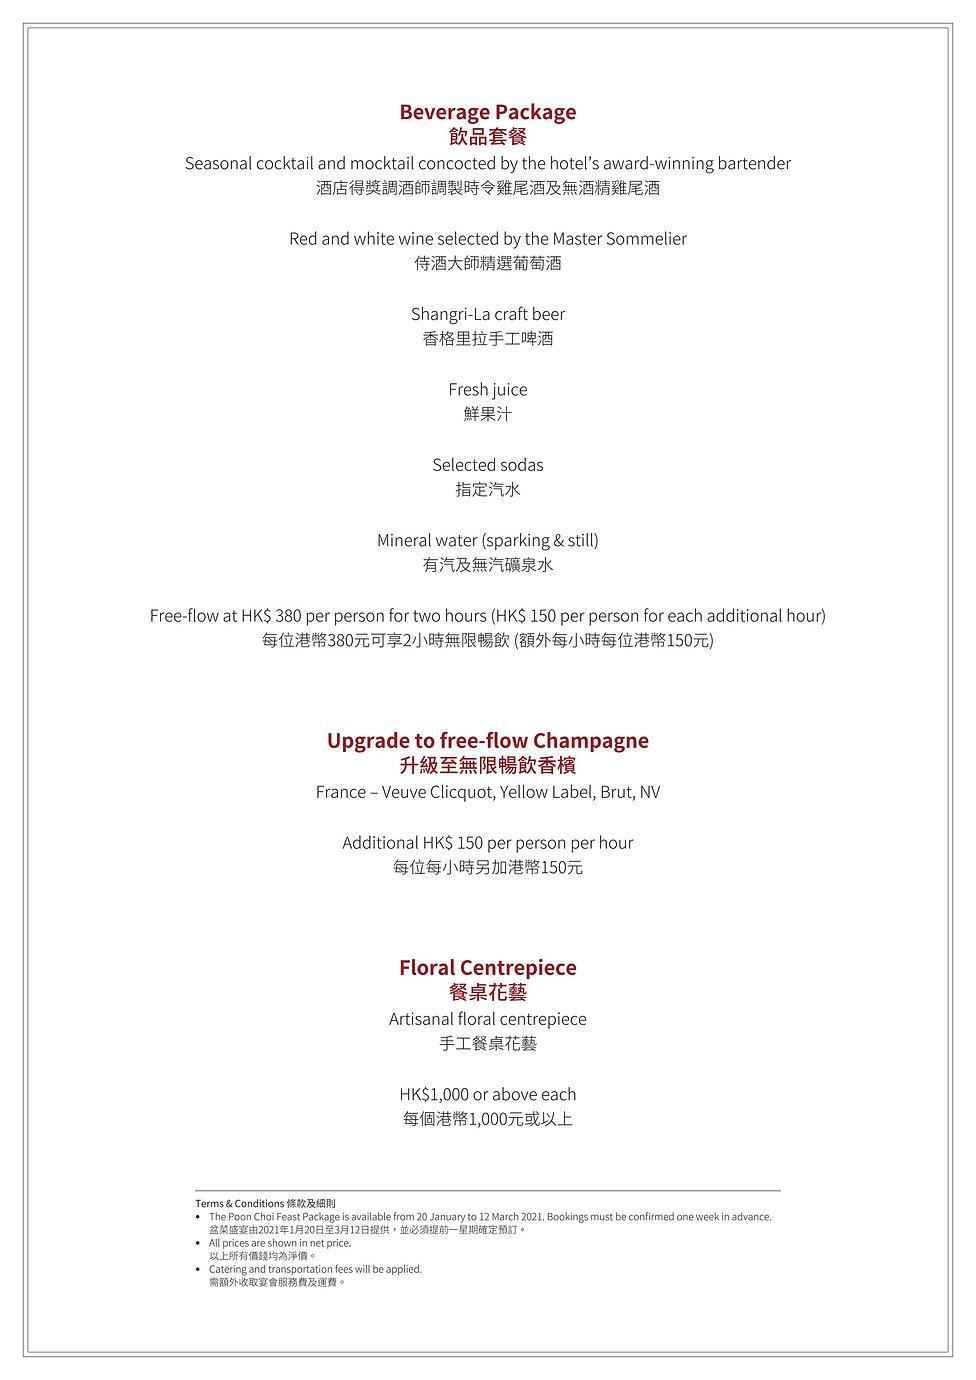 Poon Choi Package